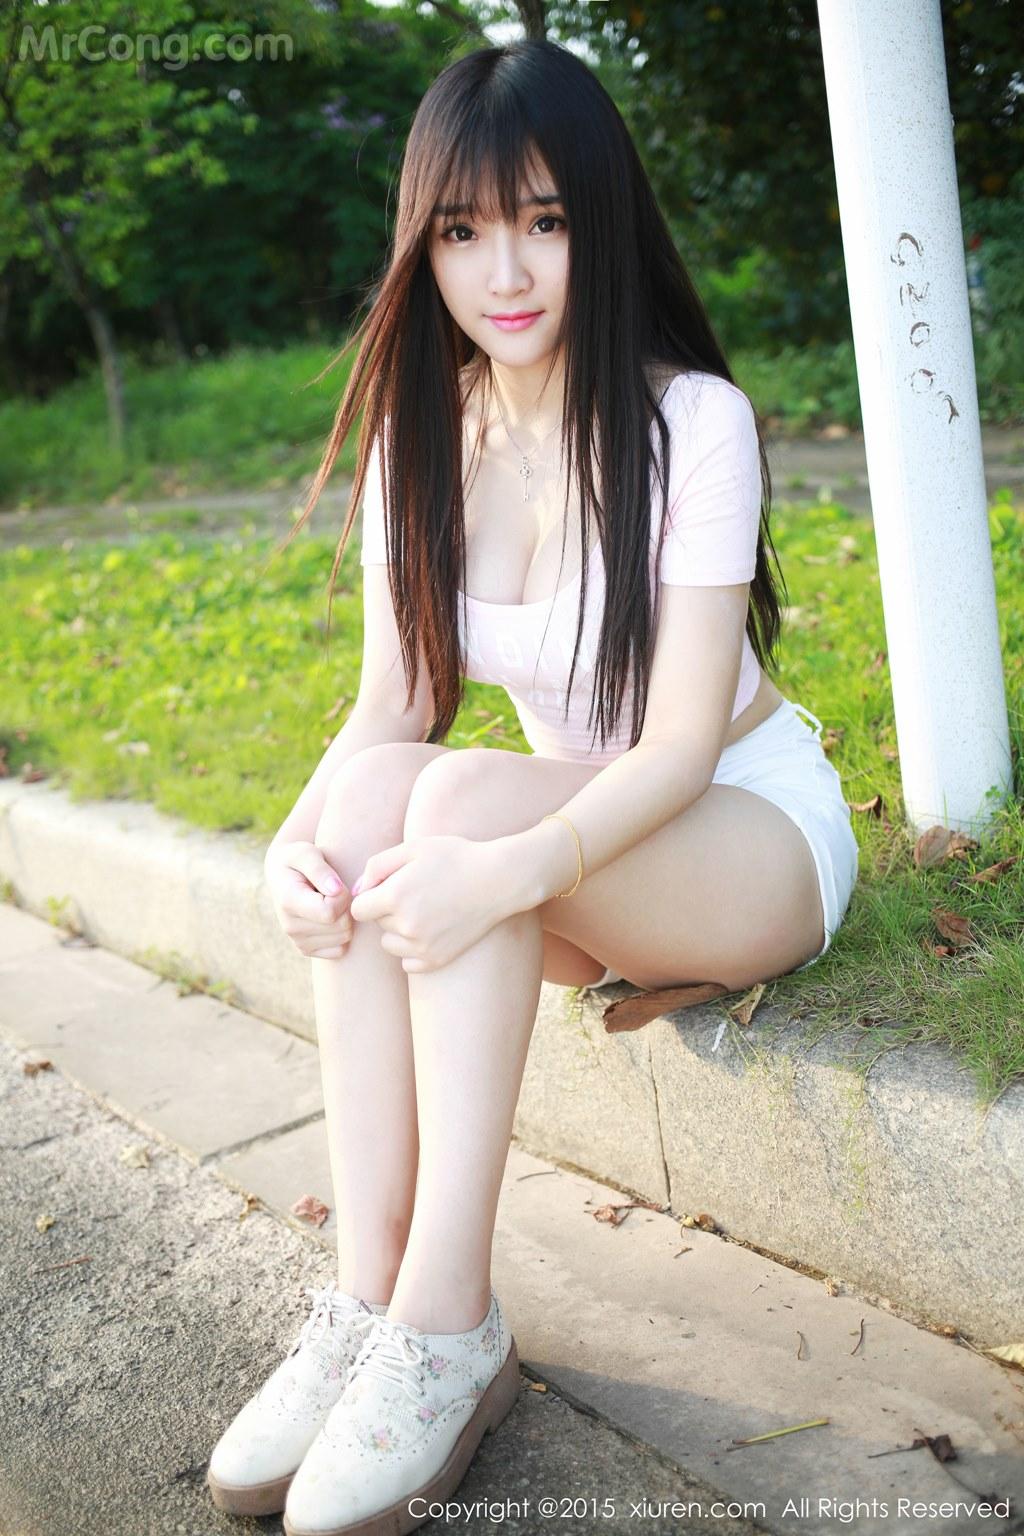 MrCong.com XIUREN No.345 Xia Yao baby 021 - XIUREN No.345: Model Xia Yao baby (夏 瑶 baby) (43 pictures)